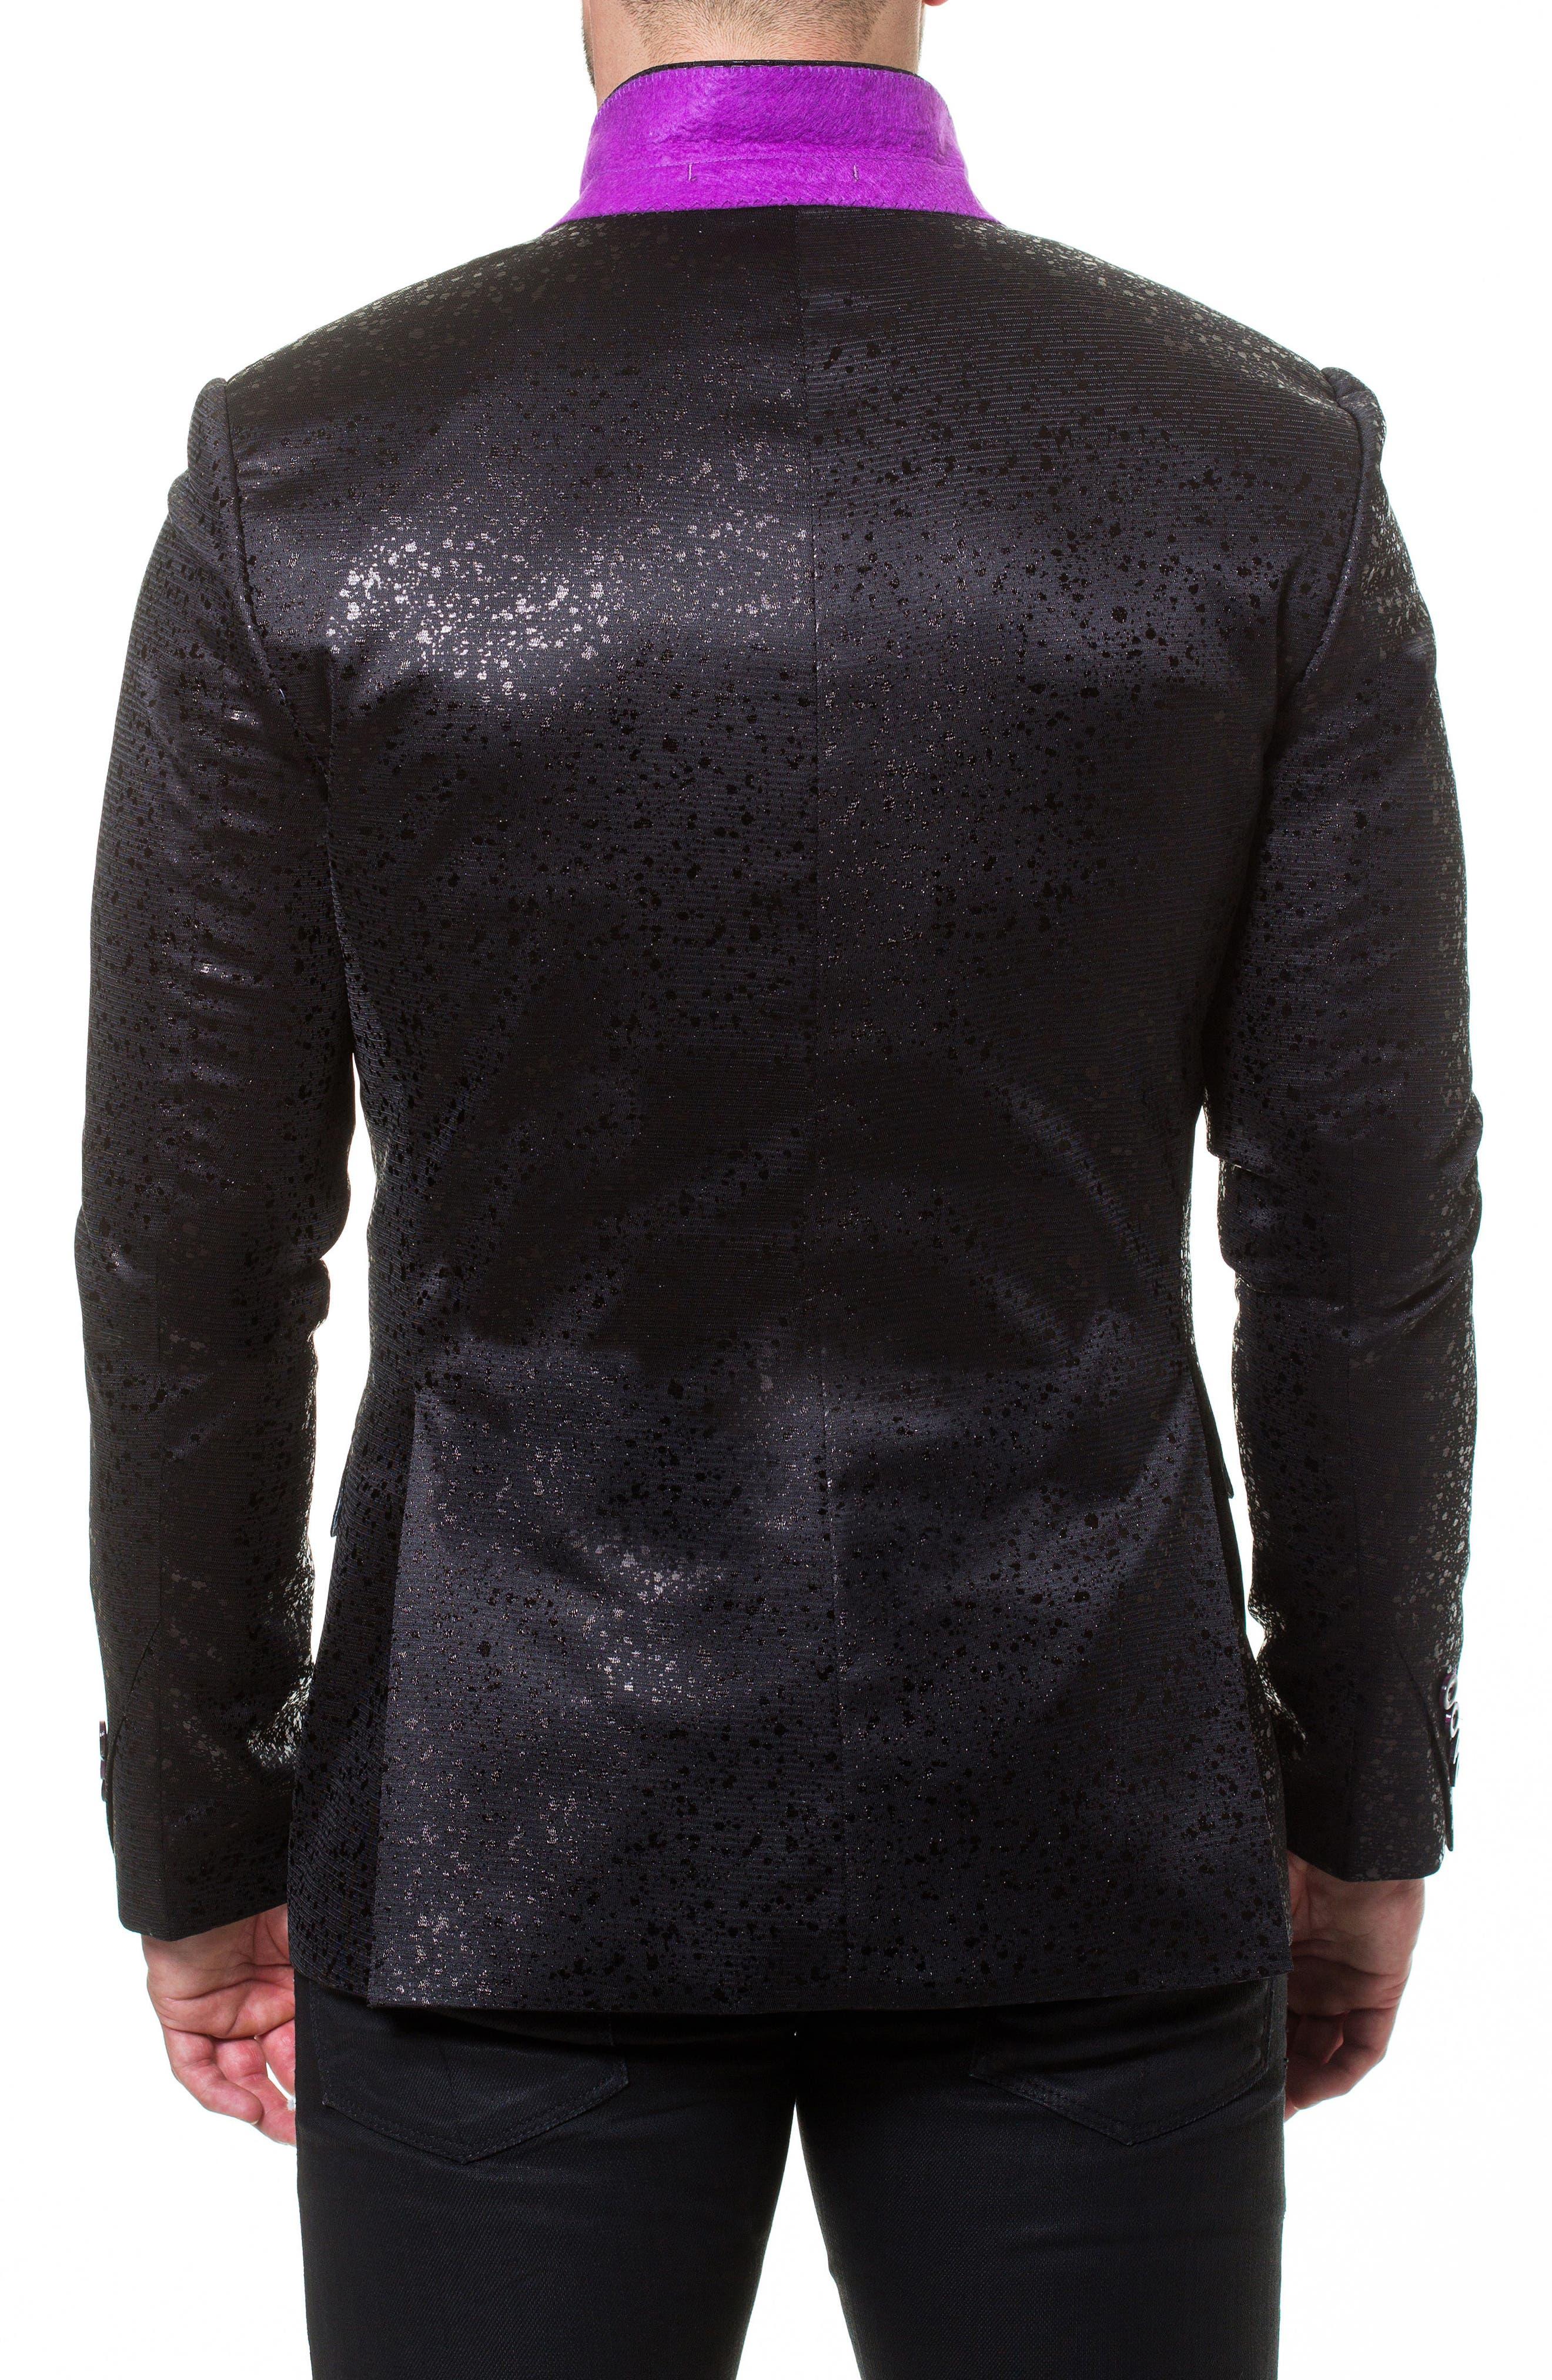 Elegance Splatter Sport Coat,                             Alternate thumbnail 3, color,                             Black